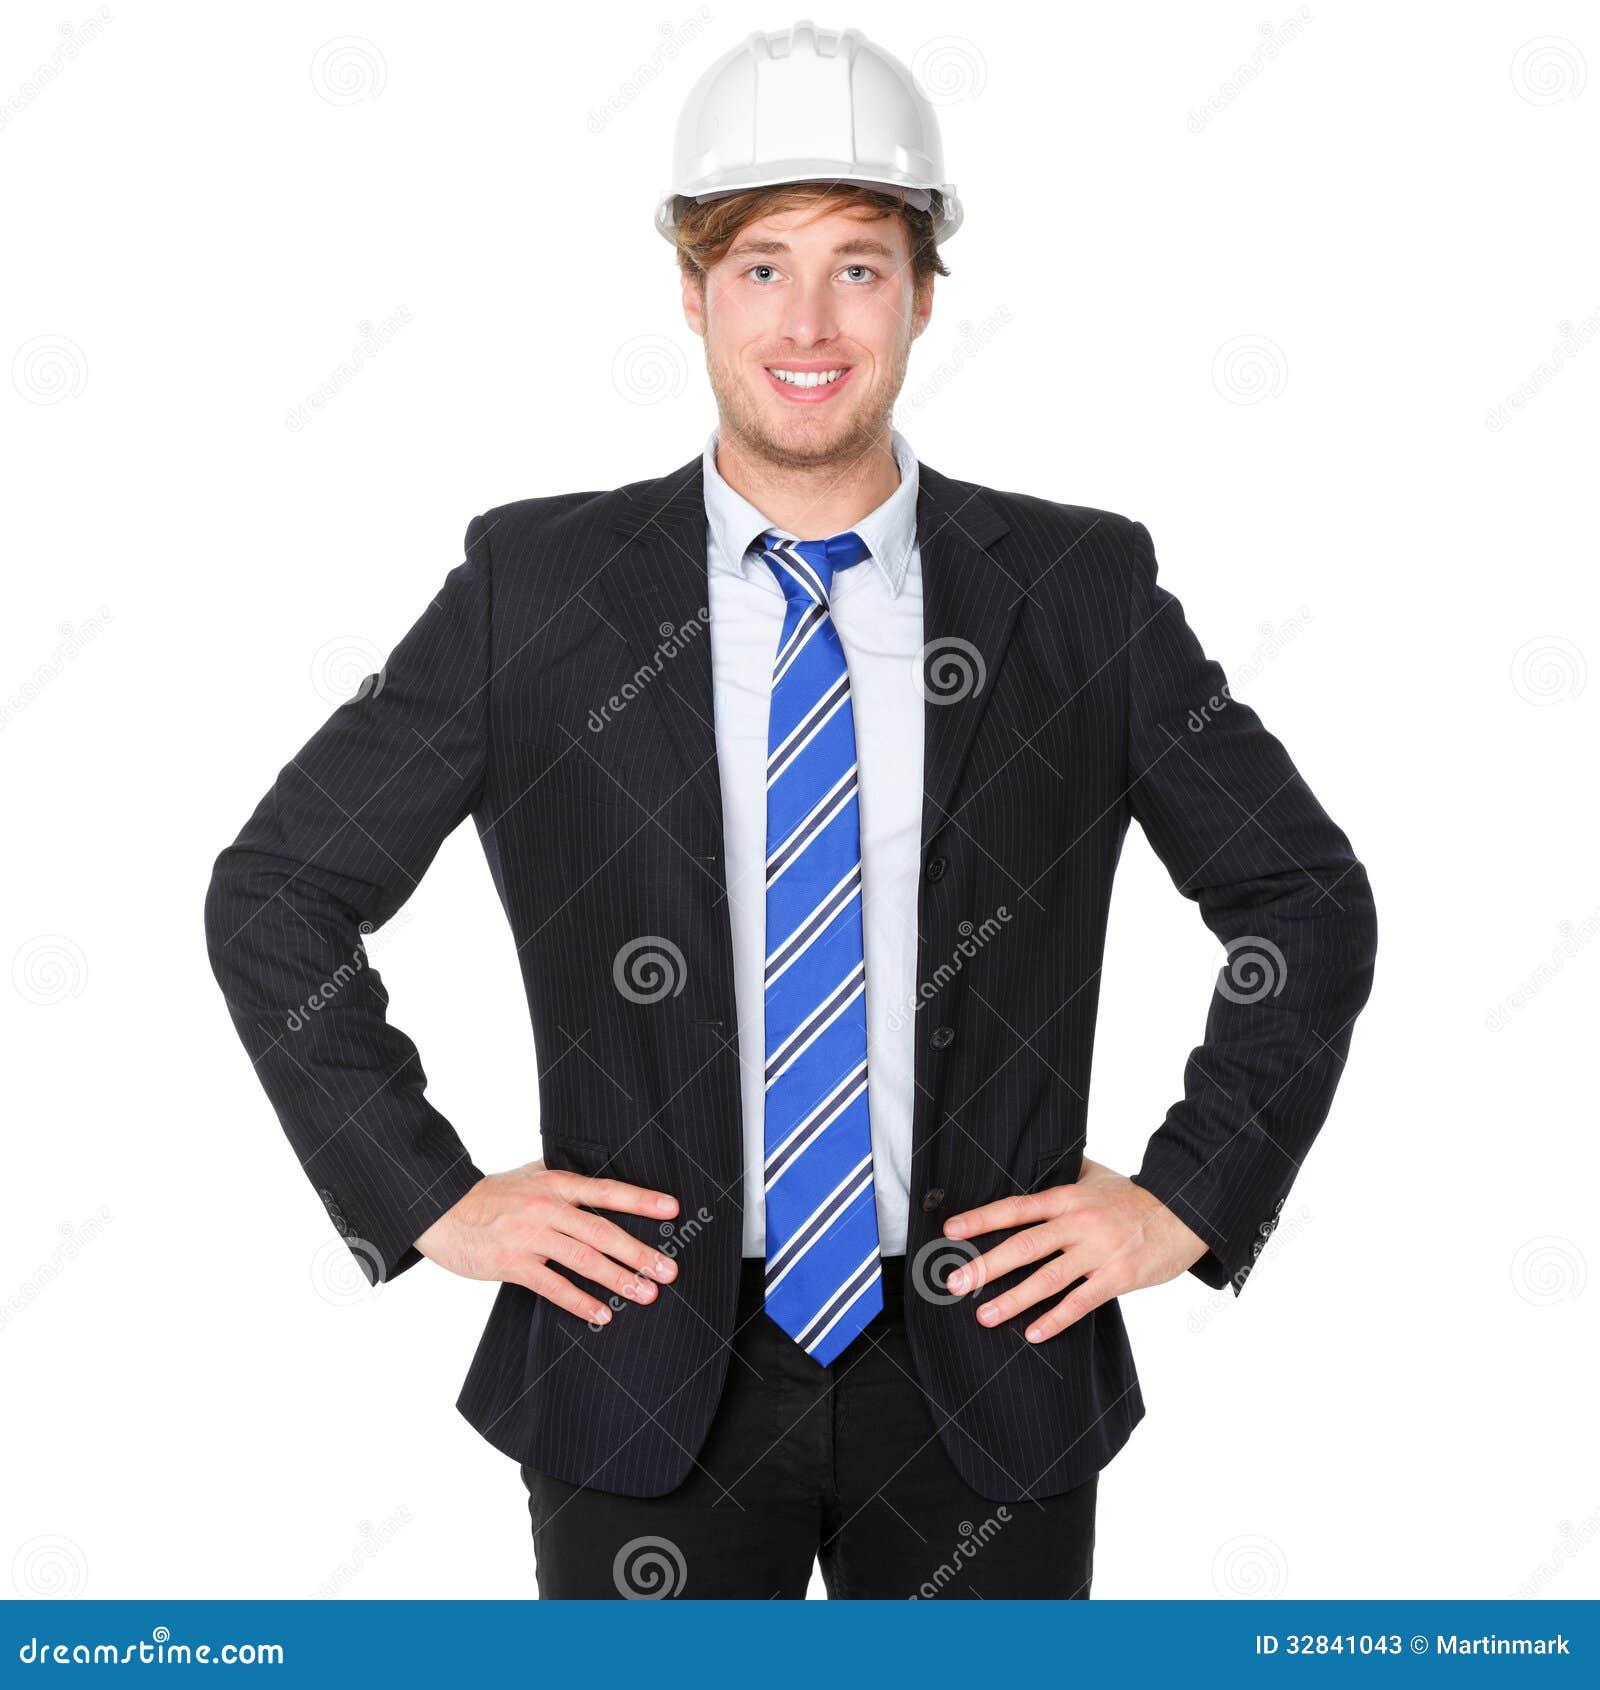 homme d 39 affaires d 39 ing nieur ou d 39 architecte dans le costume image stock image 32841043. Black Bedroom Furniture Sets. Home Design Ideas